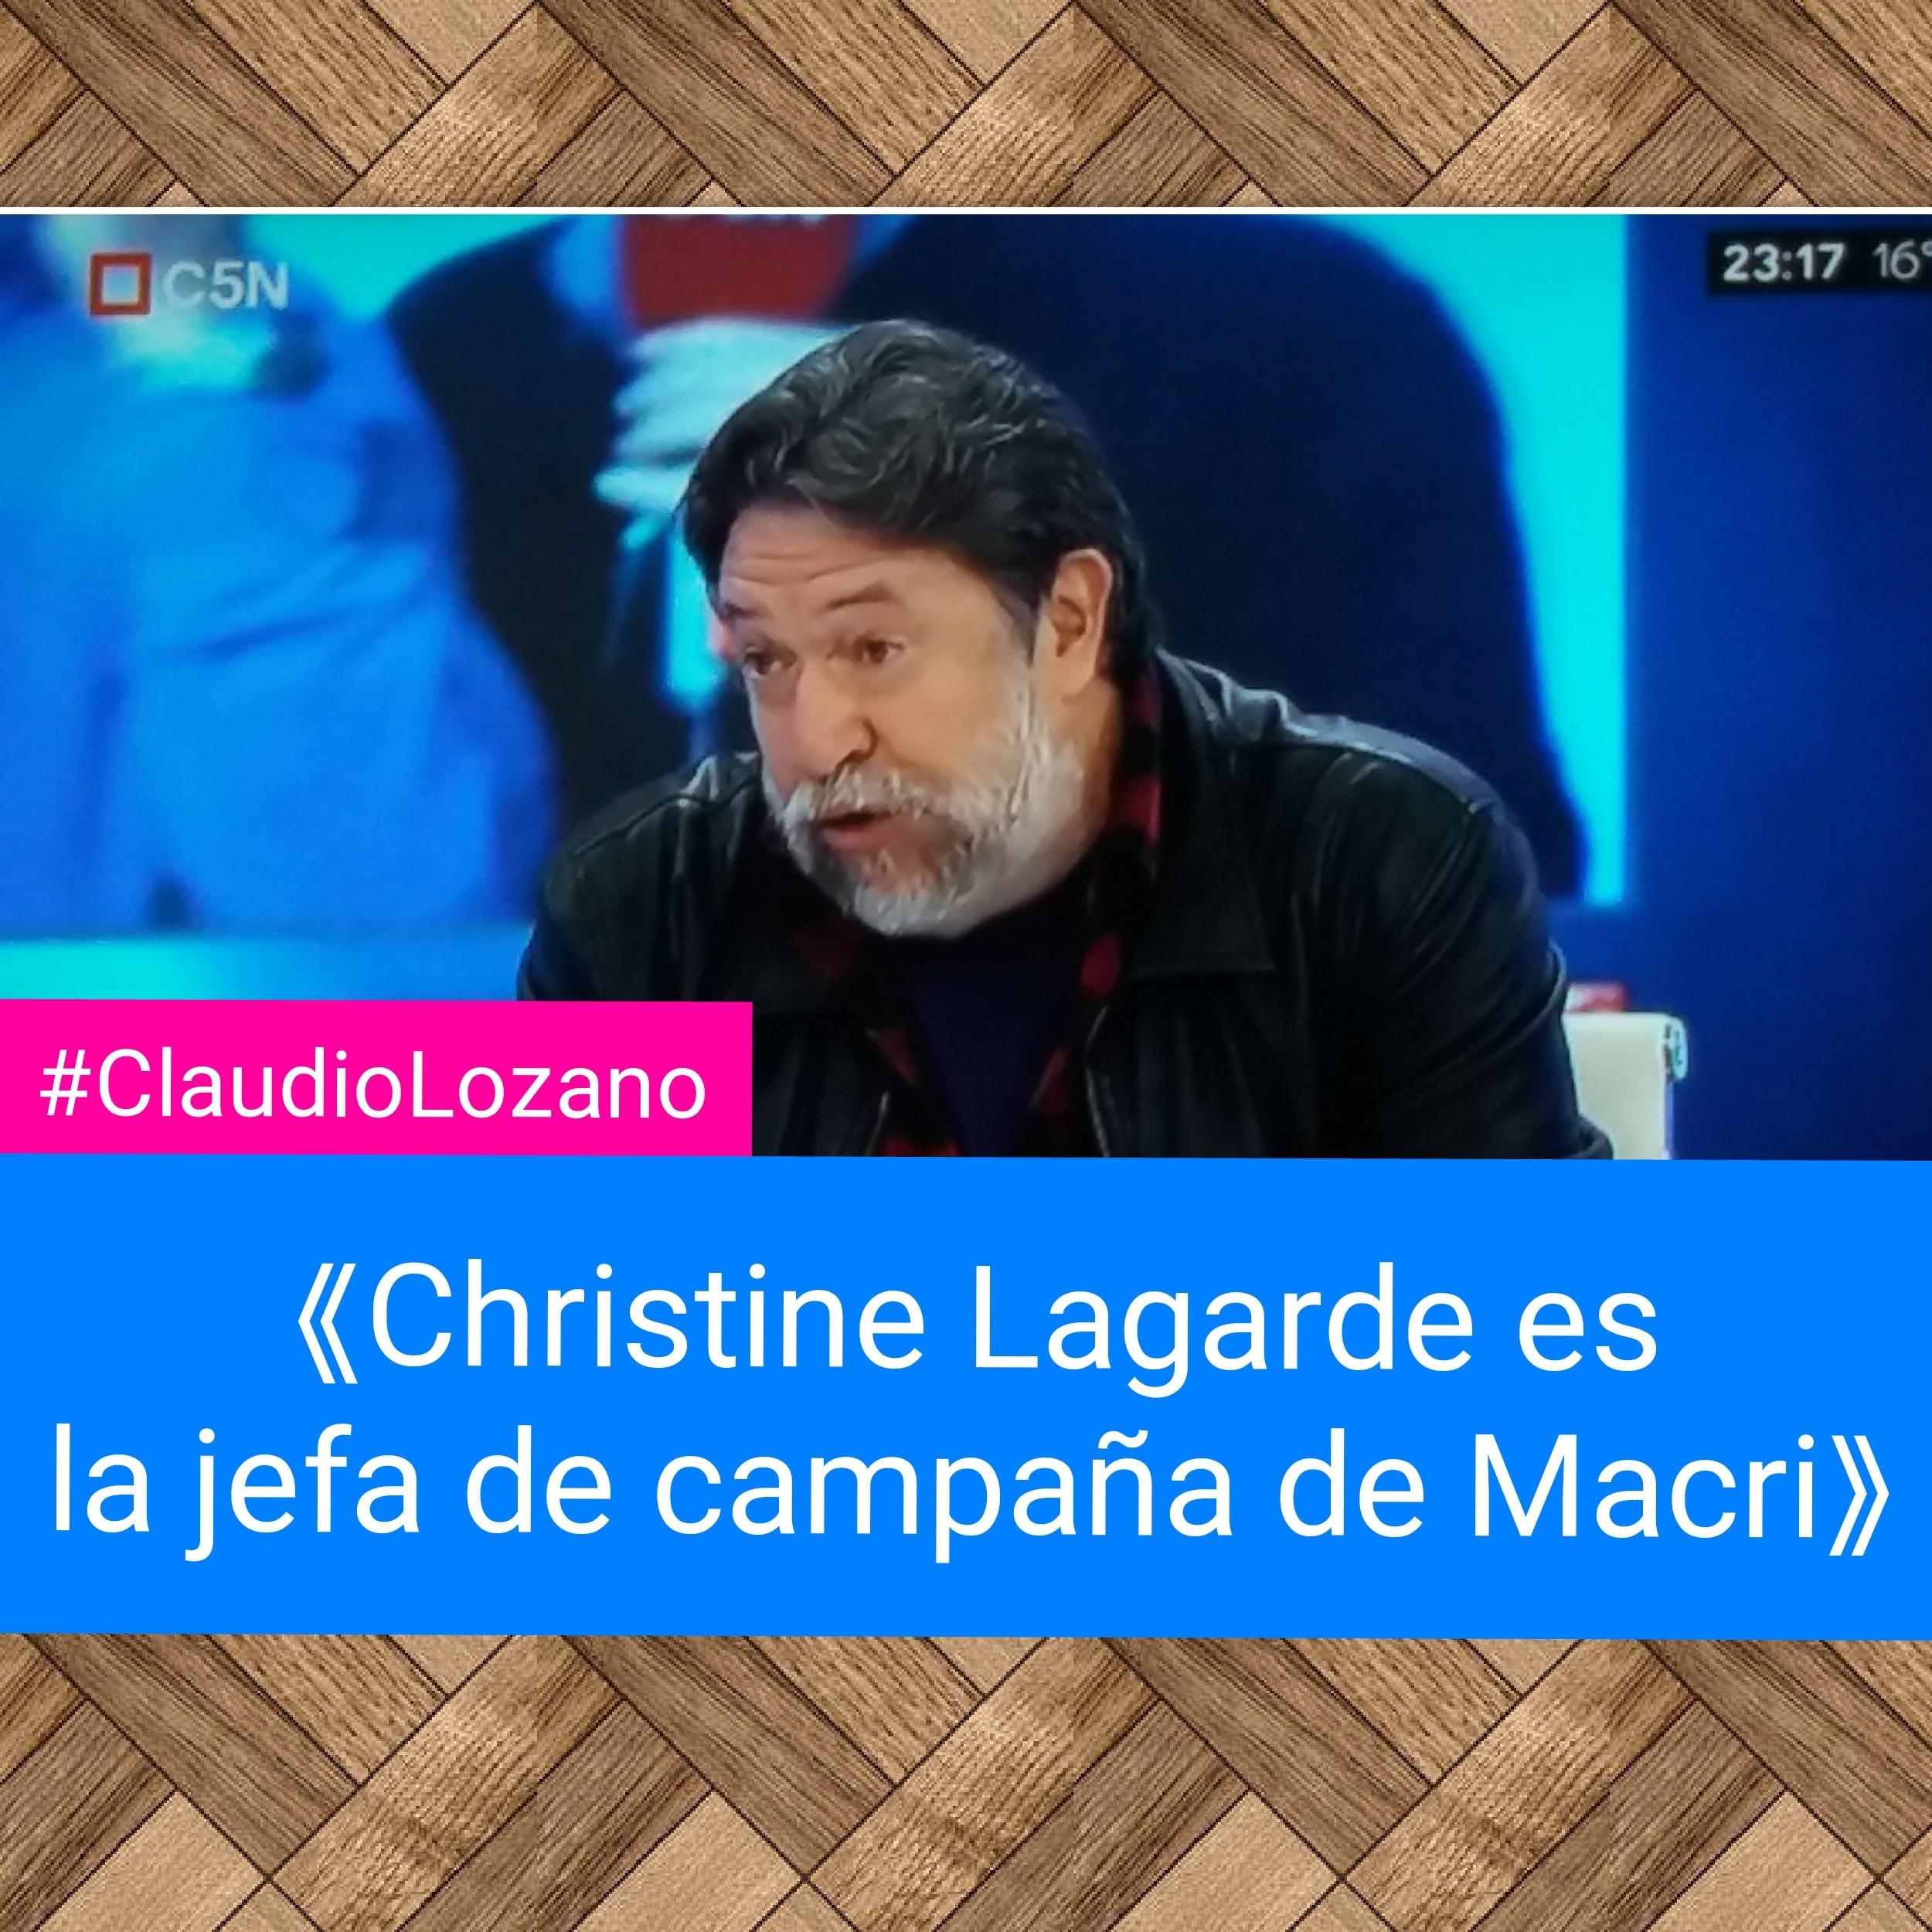 #ClaudioLozano 《Christine Lagarde es la jefa de campaña de Macri》